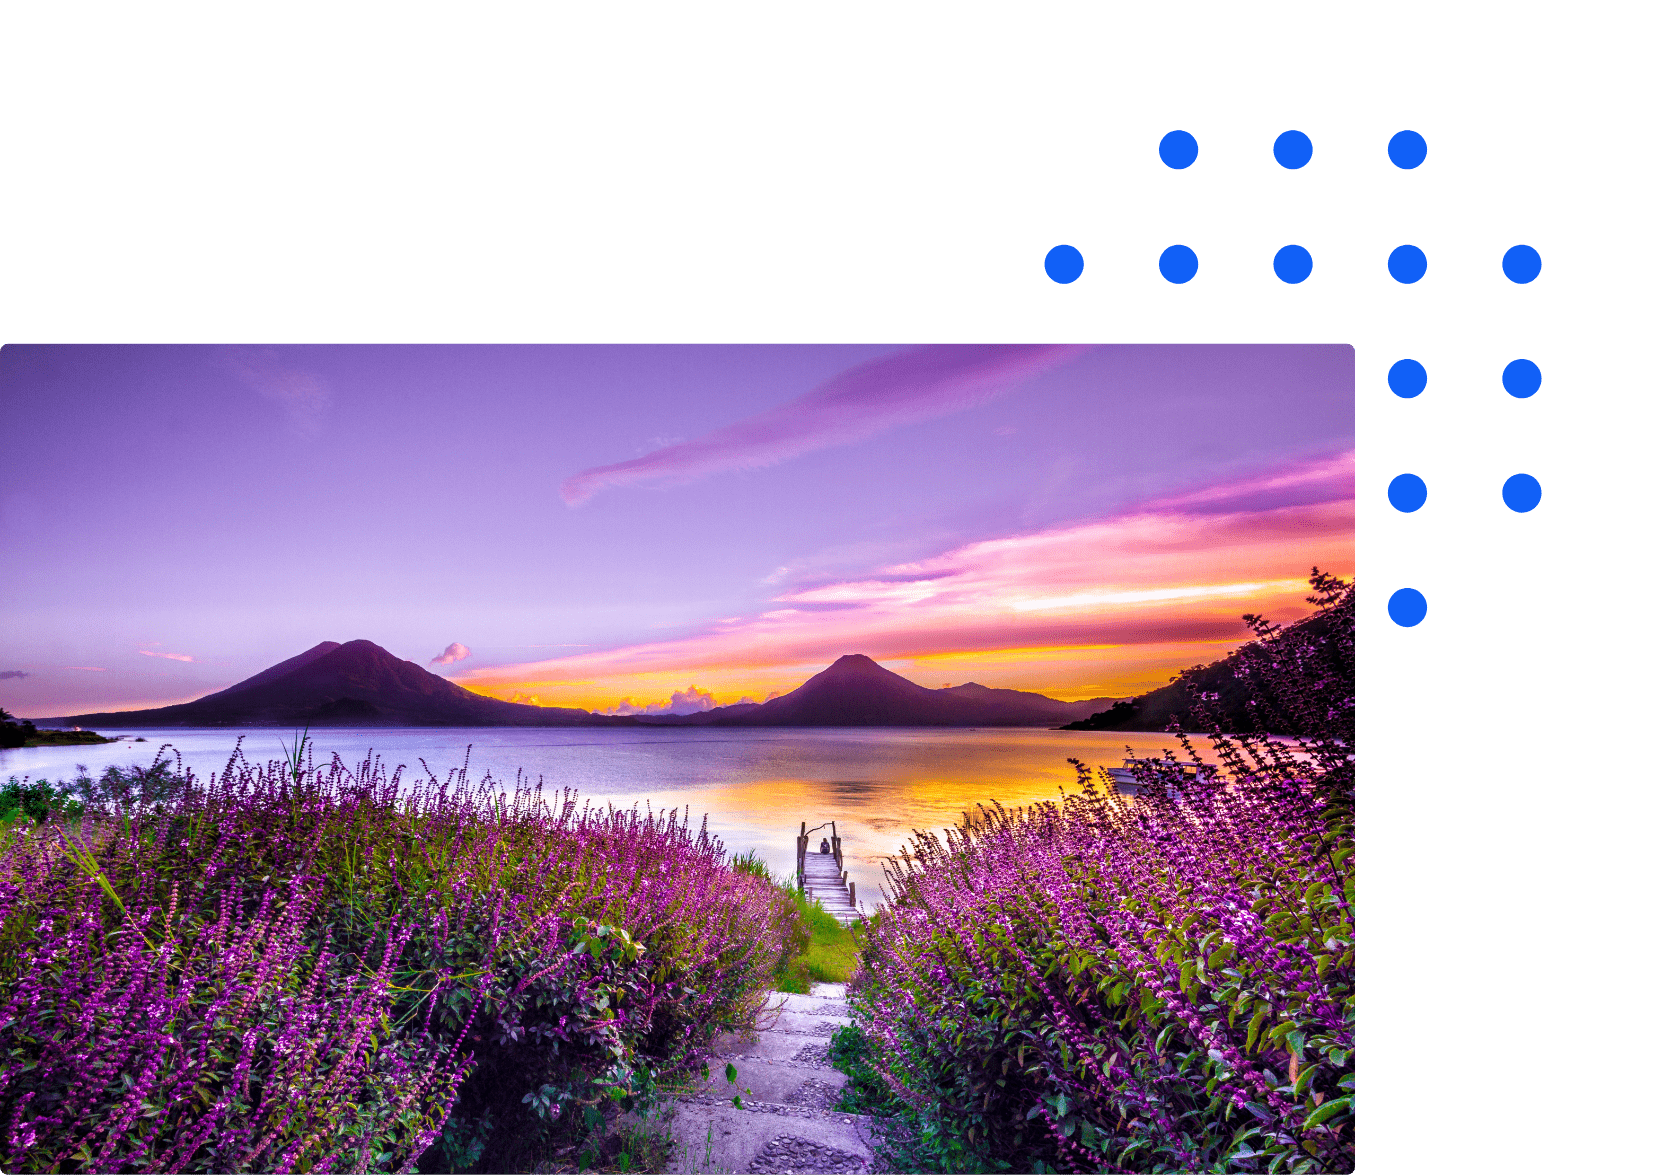 Guatemala mountains